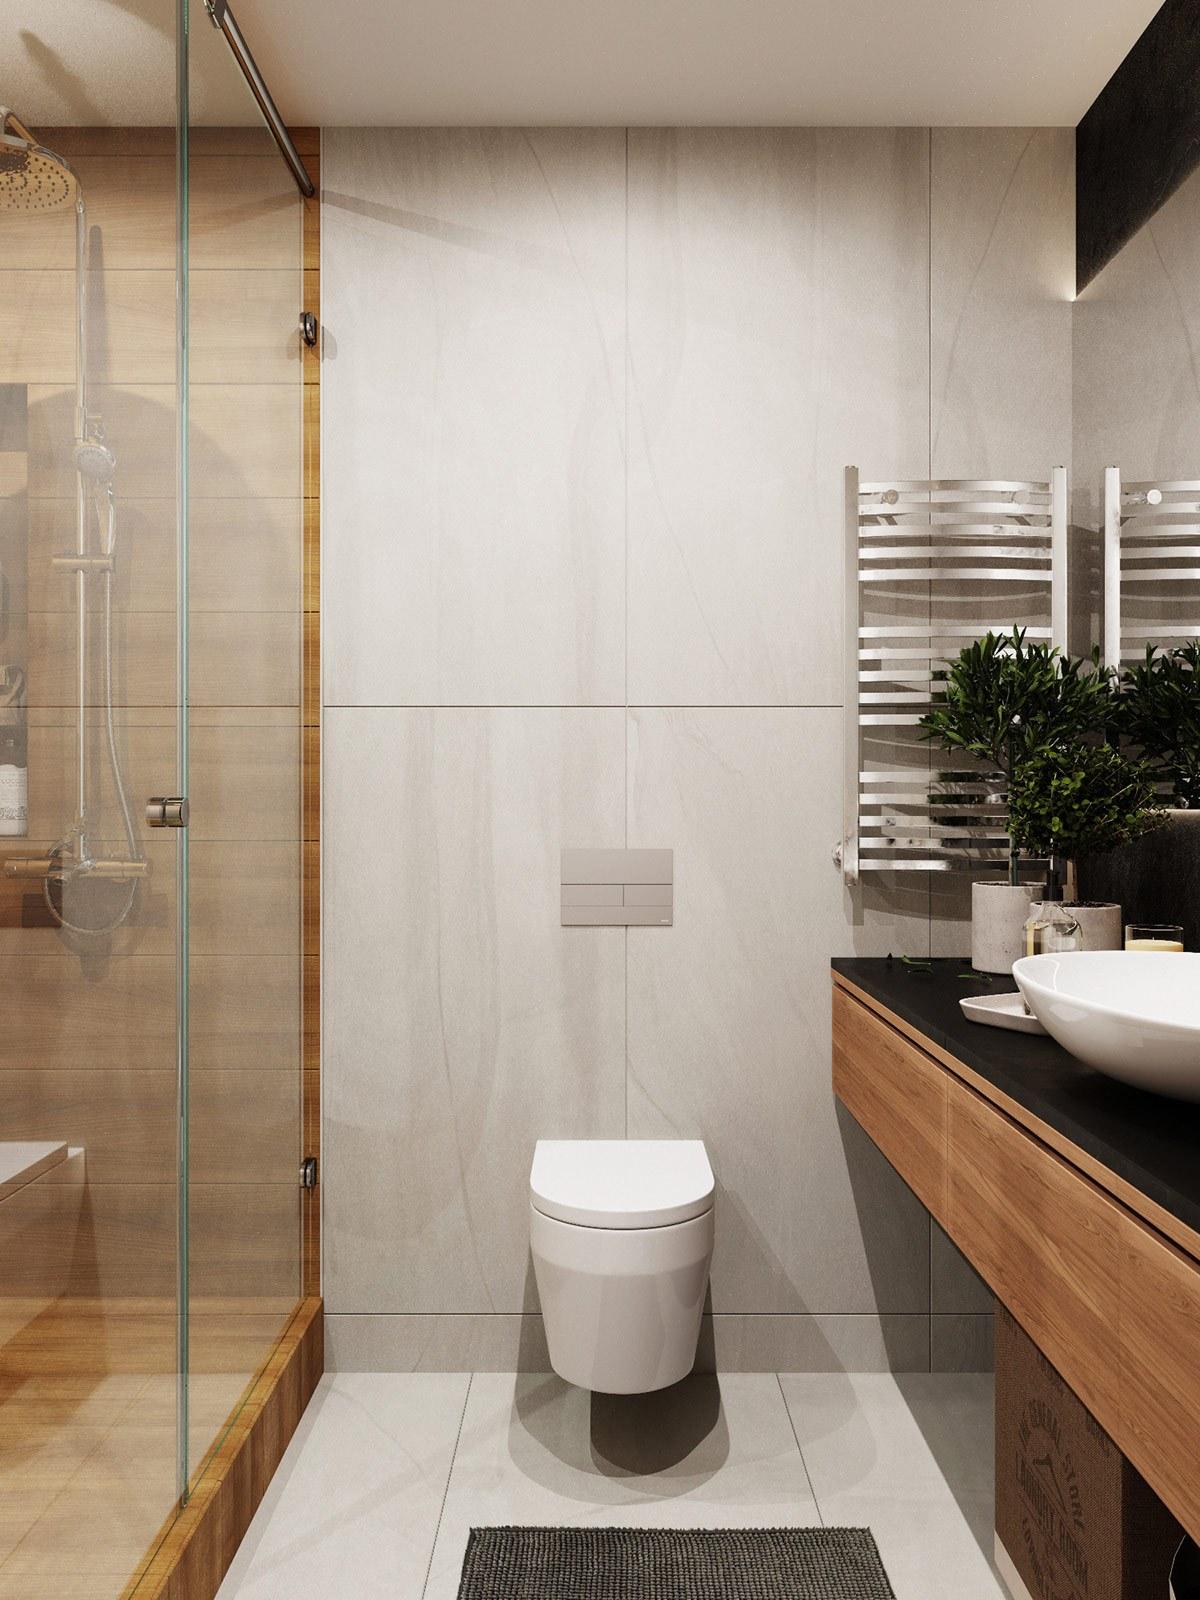 thiết kế nội thất nhà vệ sinh căn hộ 69m2